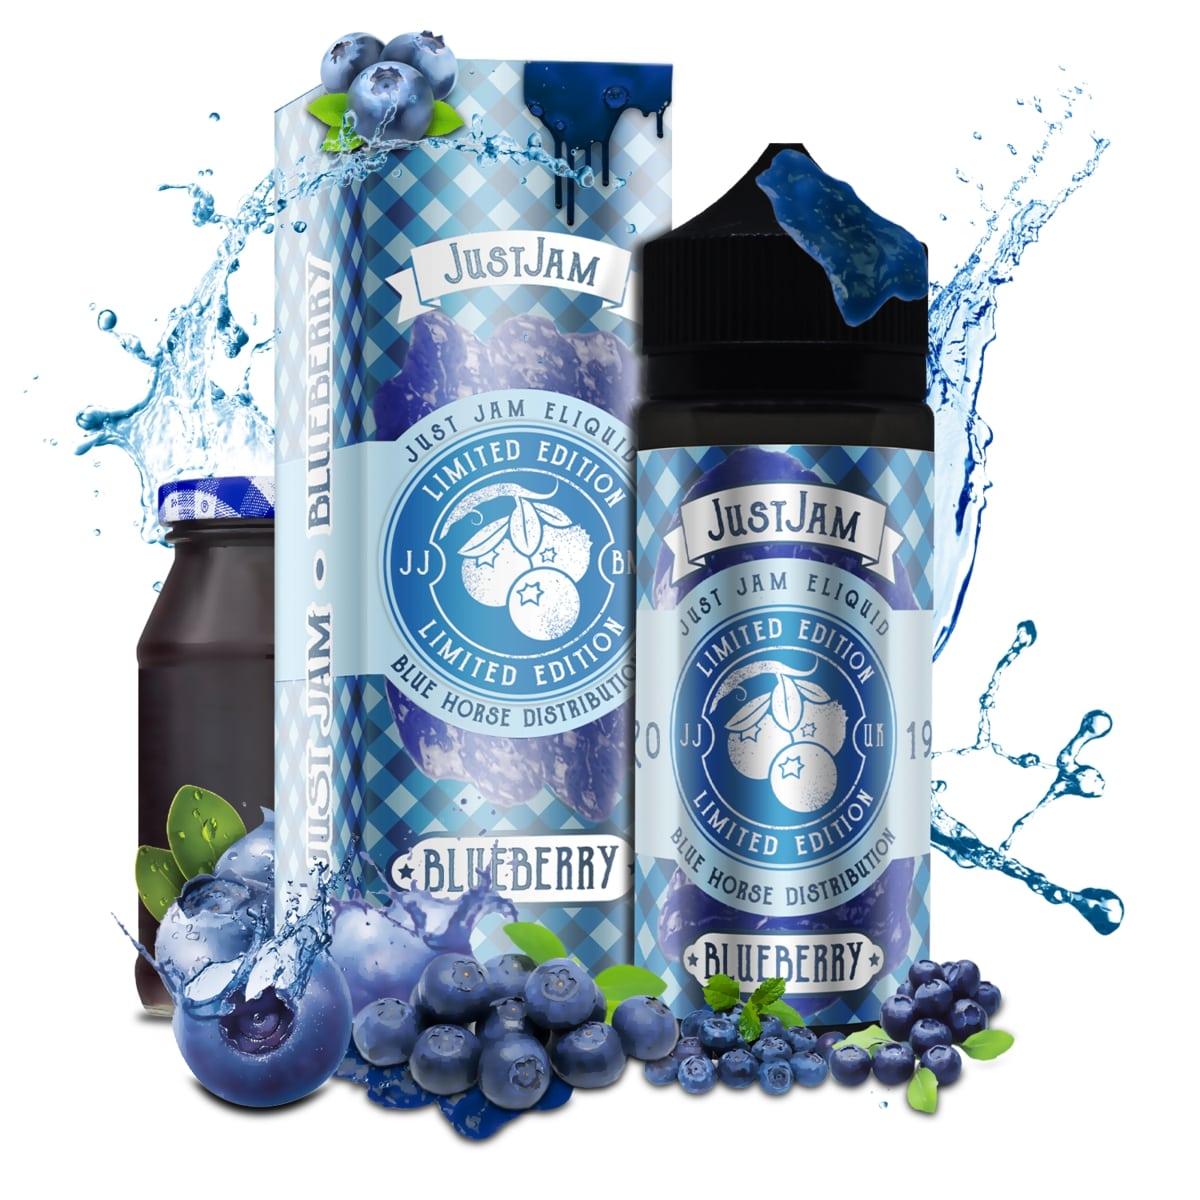 Just Jam Blueberry eliquid UK